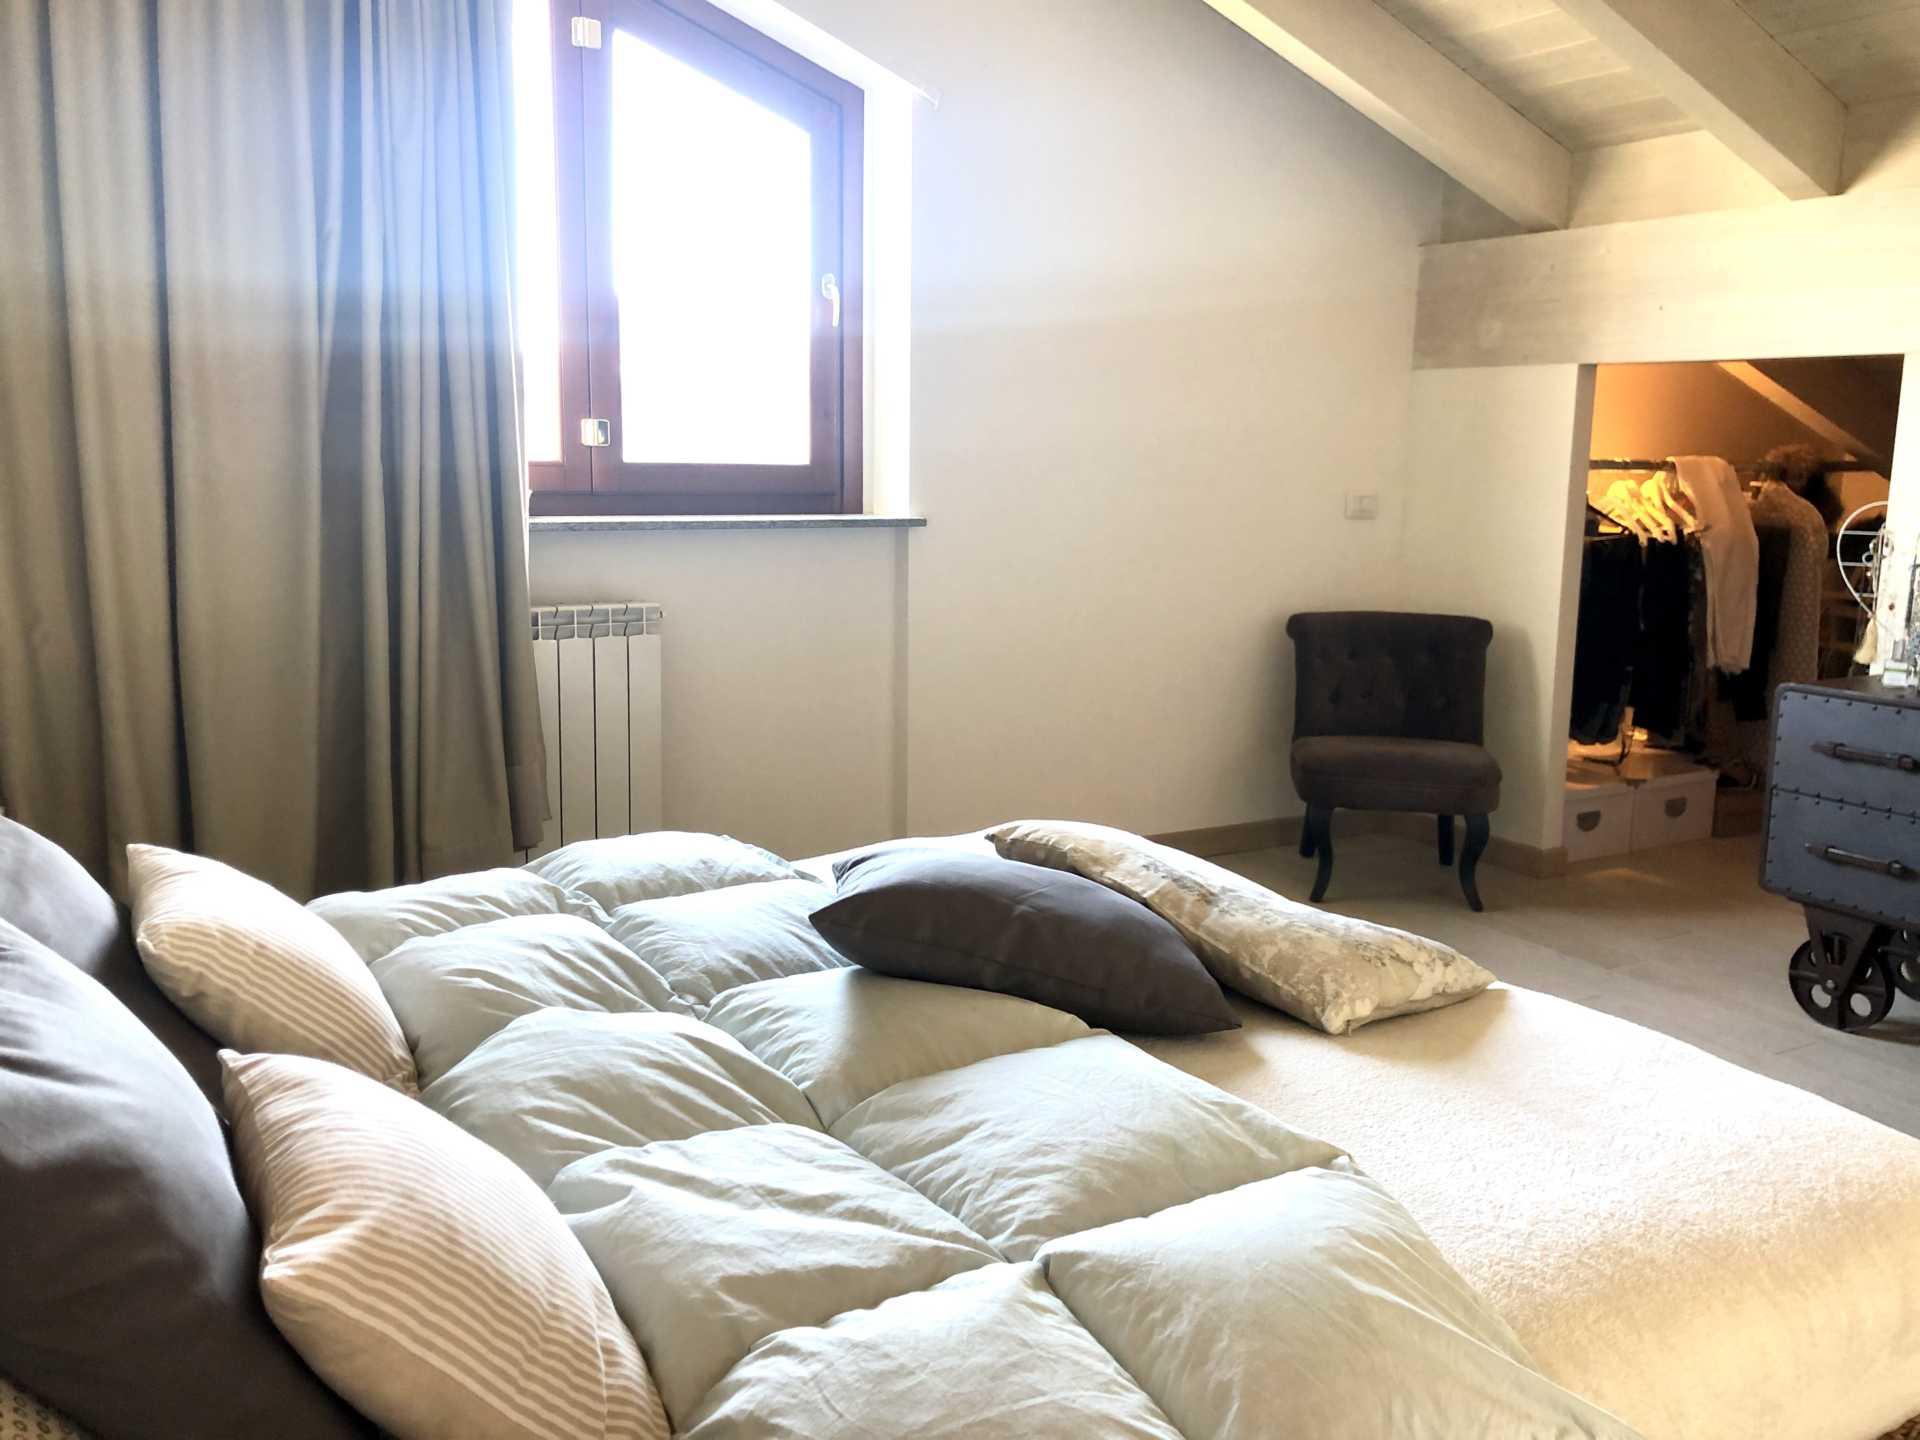 Appartamento in vendita di design casaestyle (5)